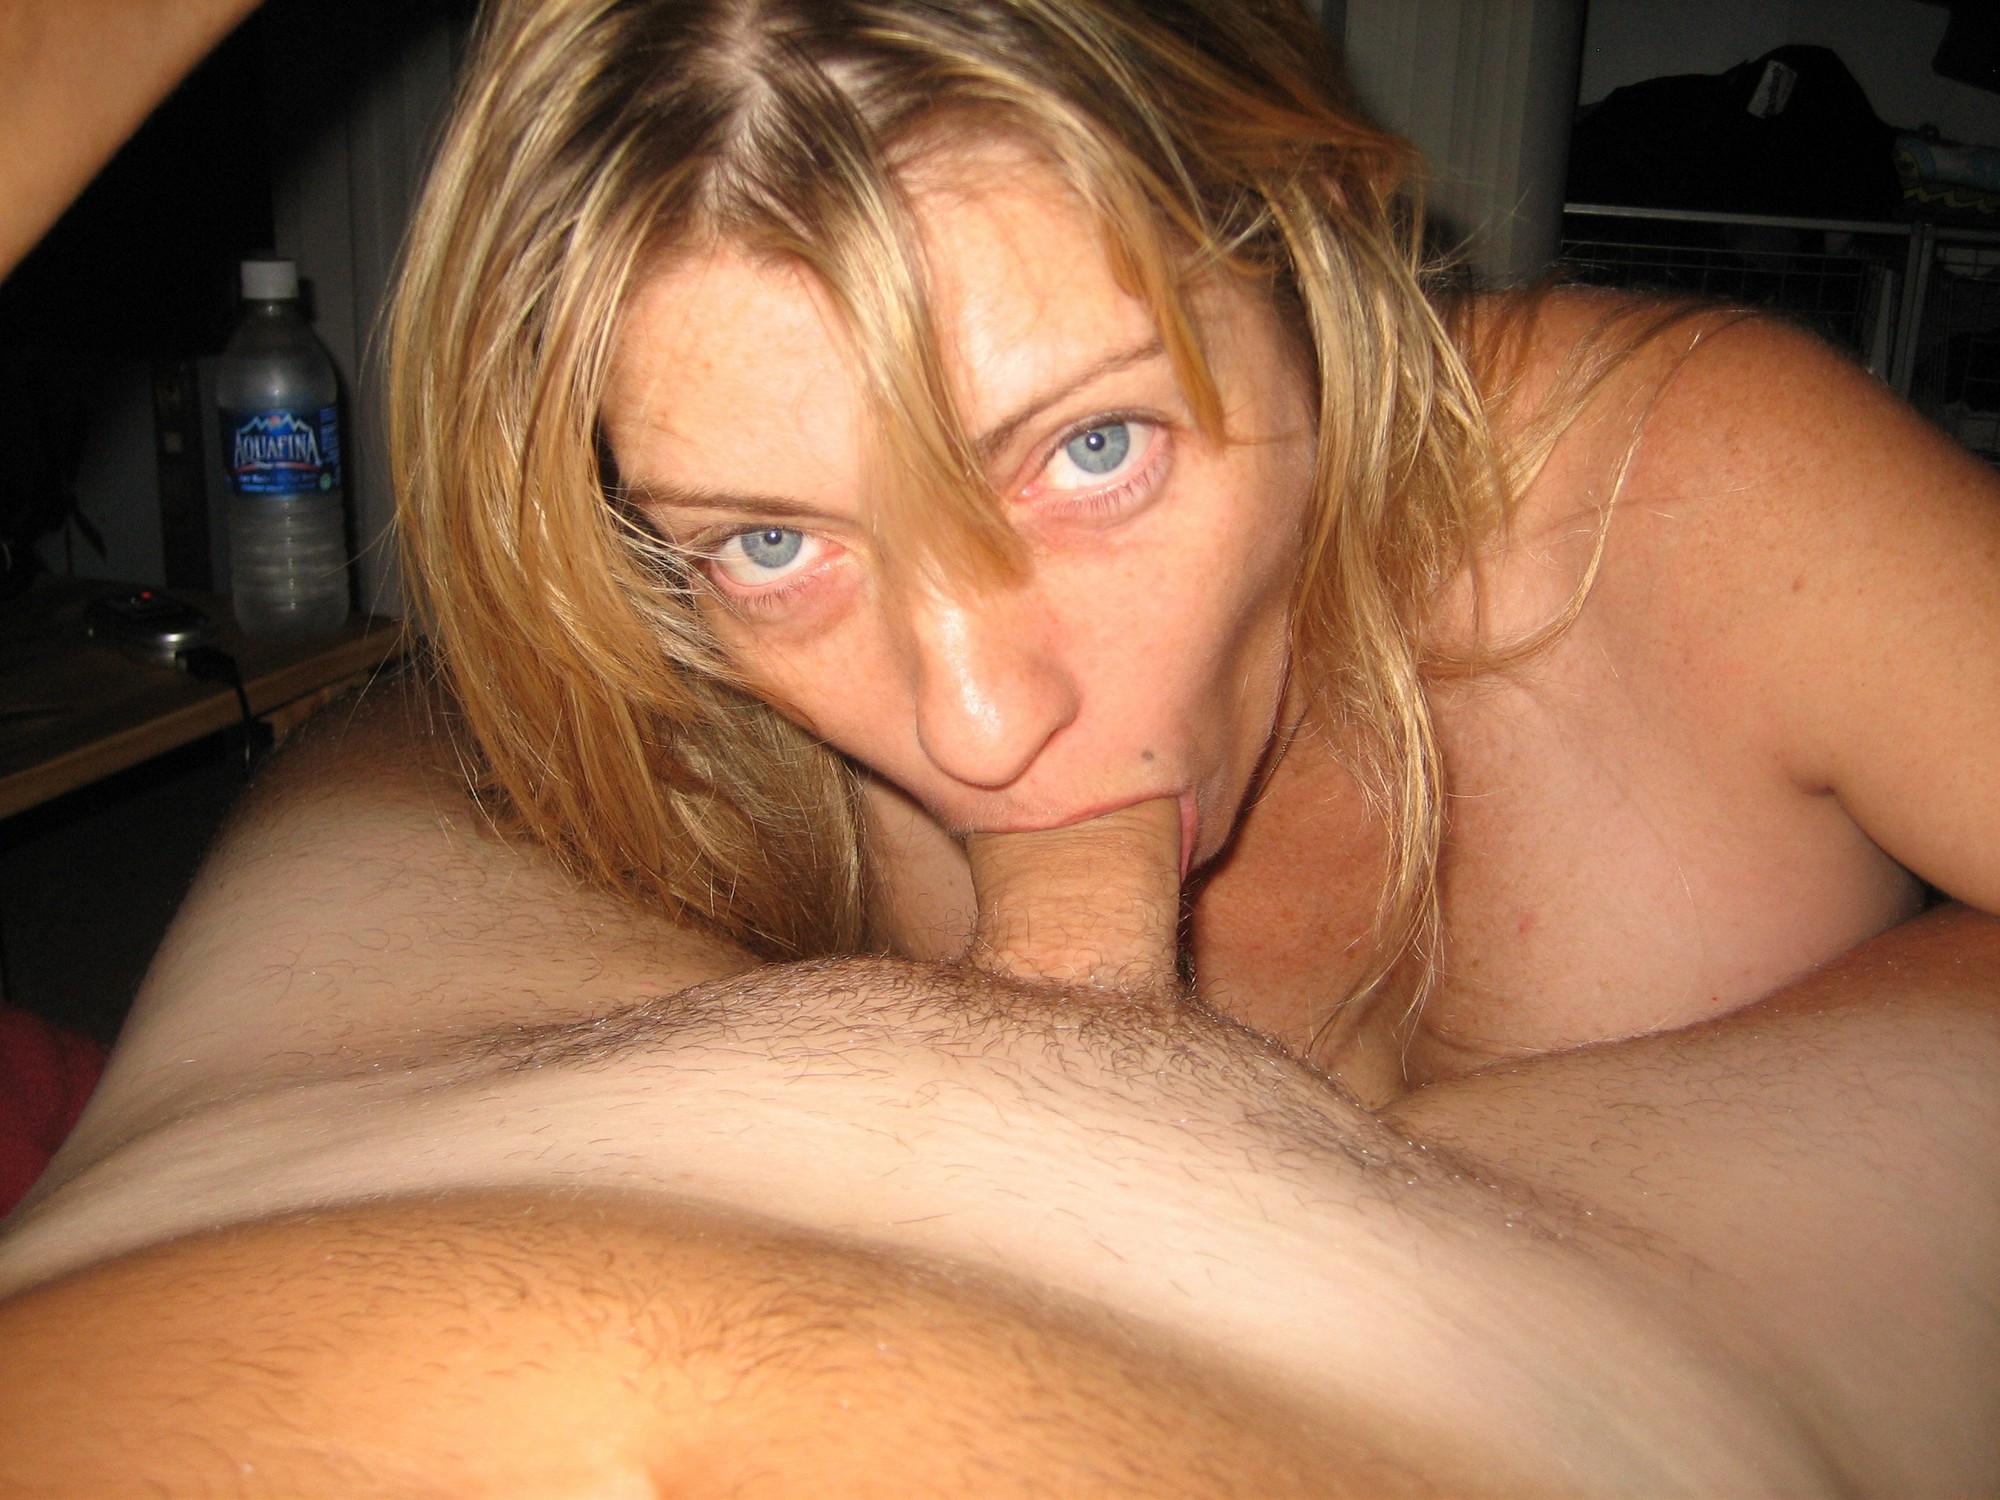 Тридцатилетняя чика с большими грудями позирует туловищем в доме